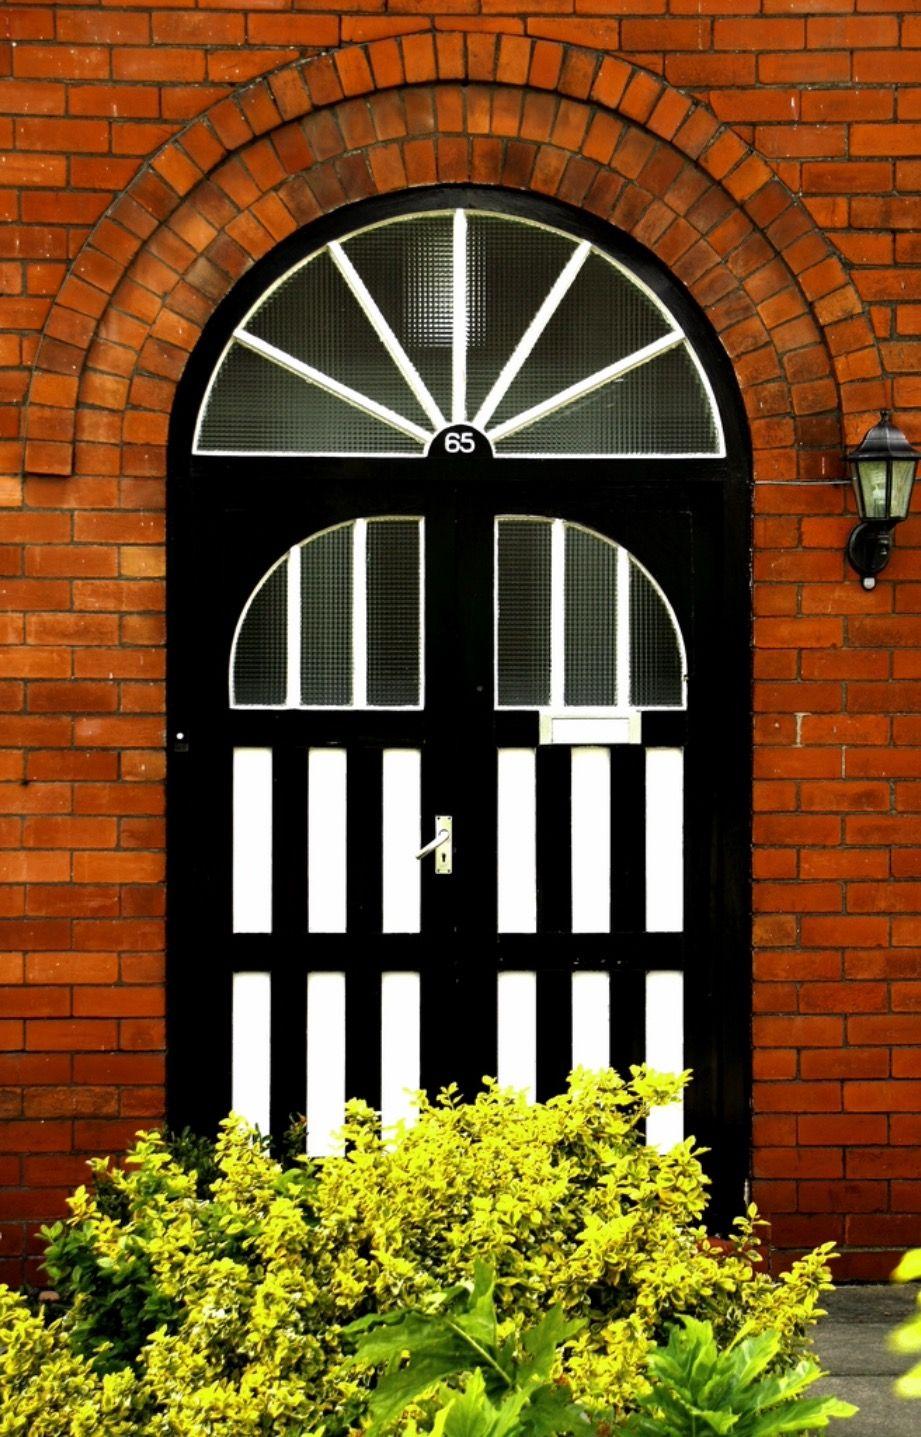 Deco door & Deco door | Manchester england Doors and Architecture